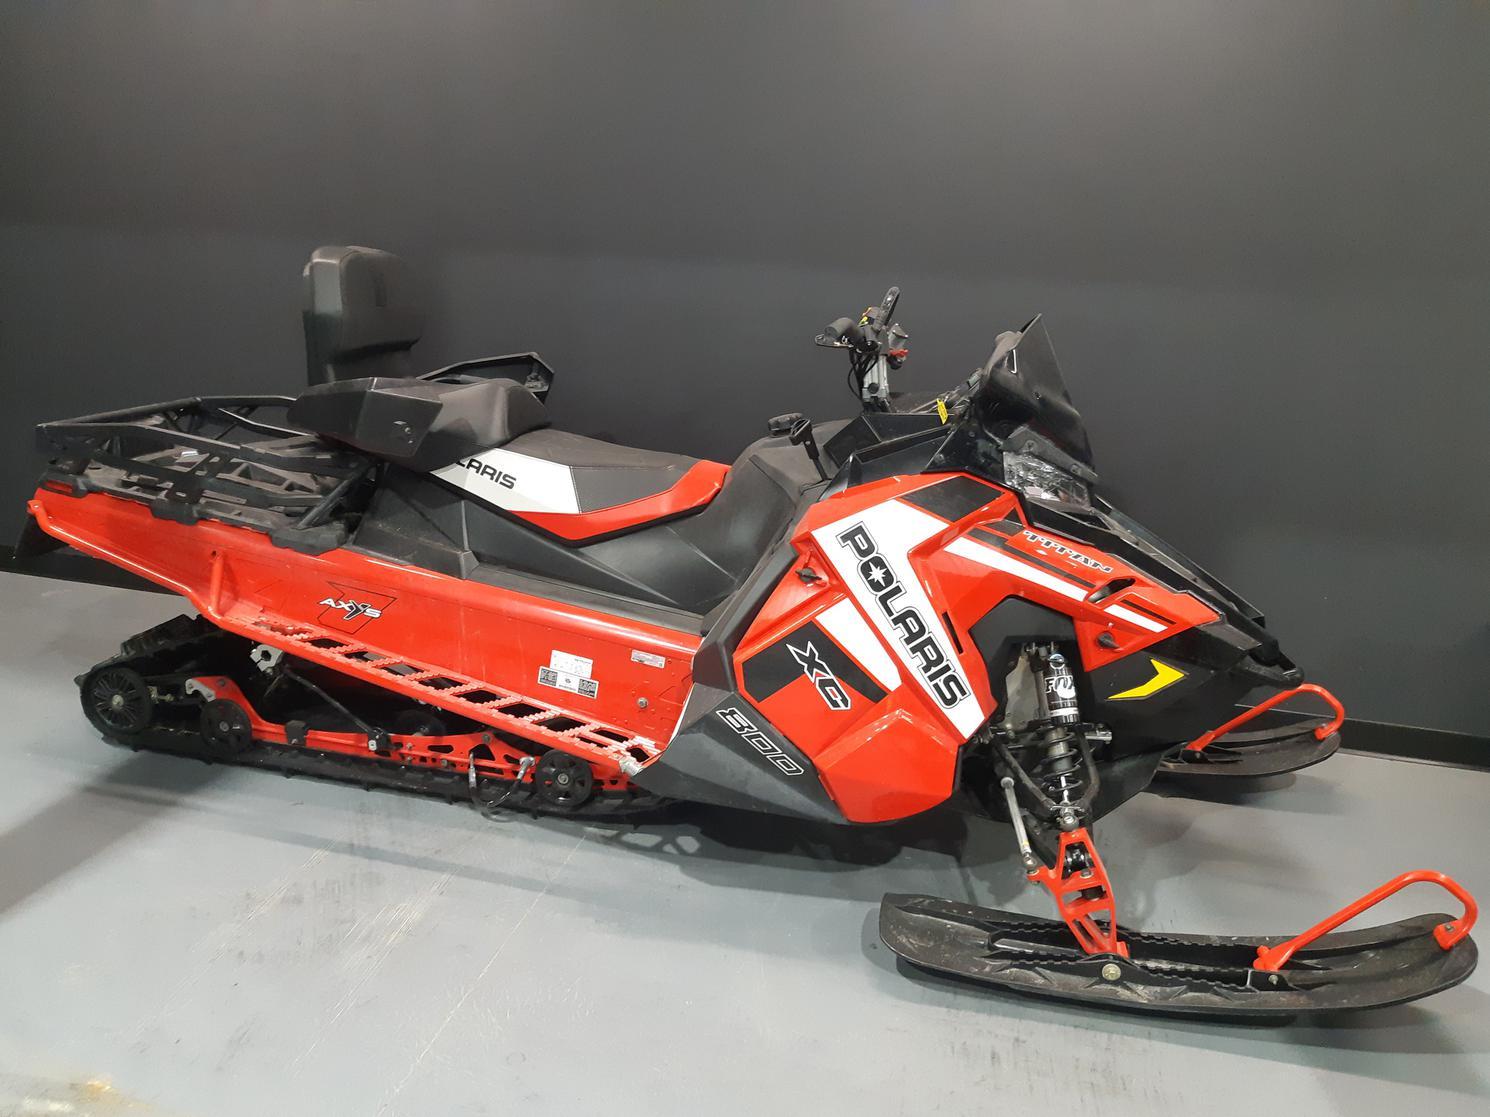 2019 Polaris TITAN XC 800